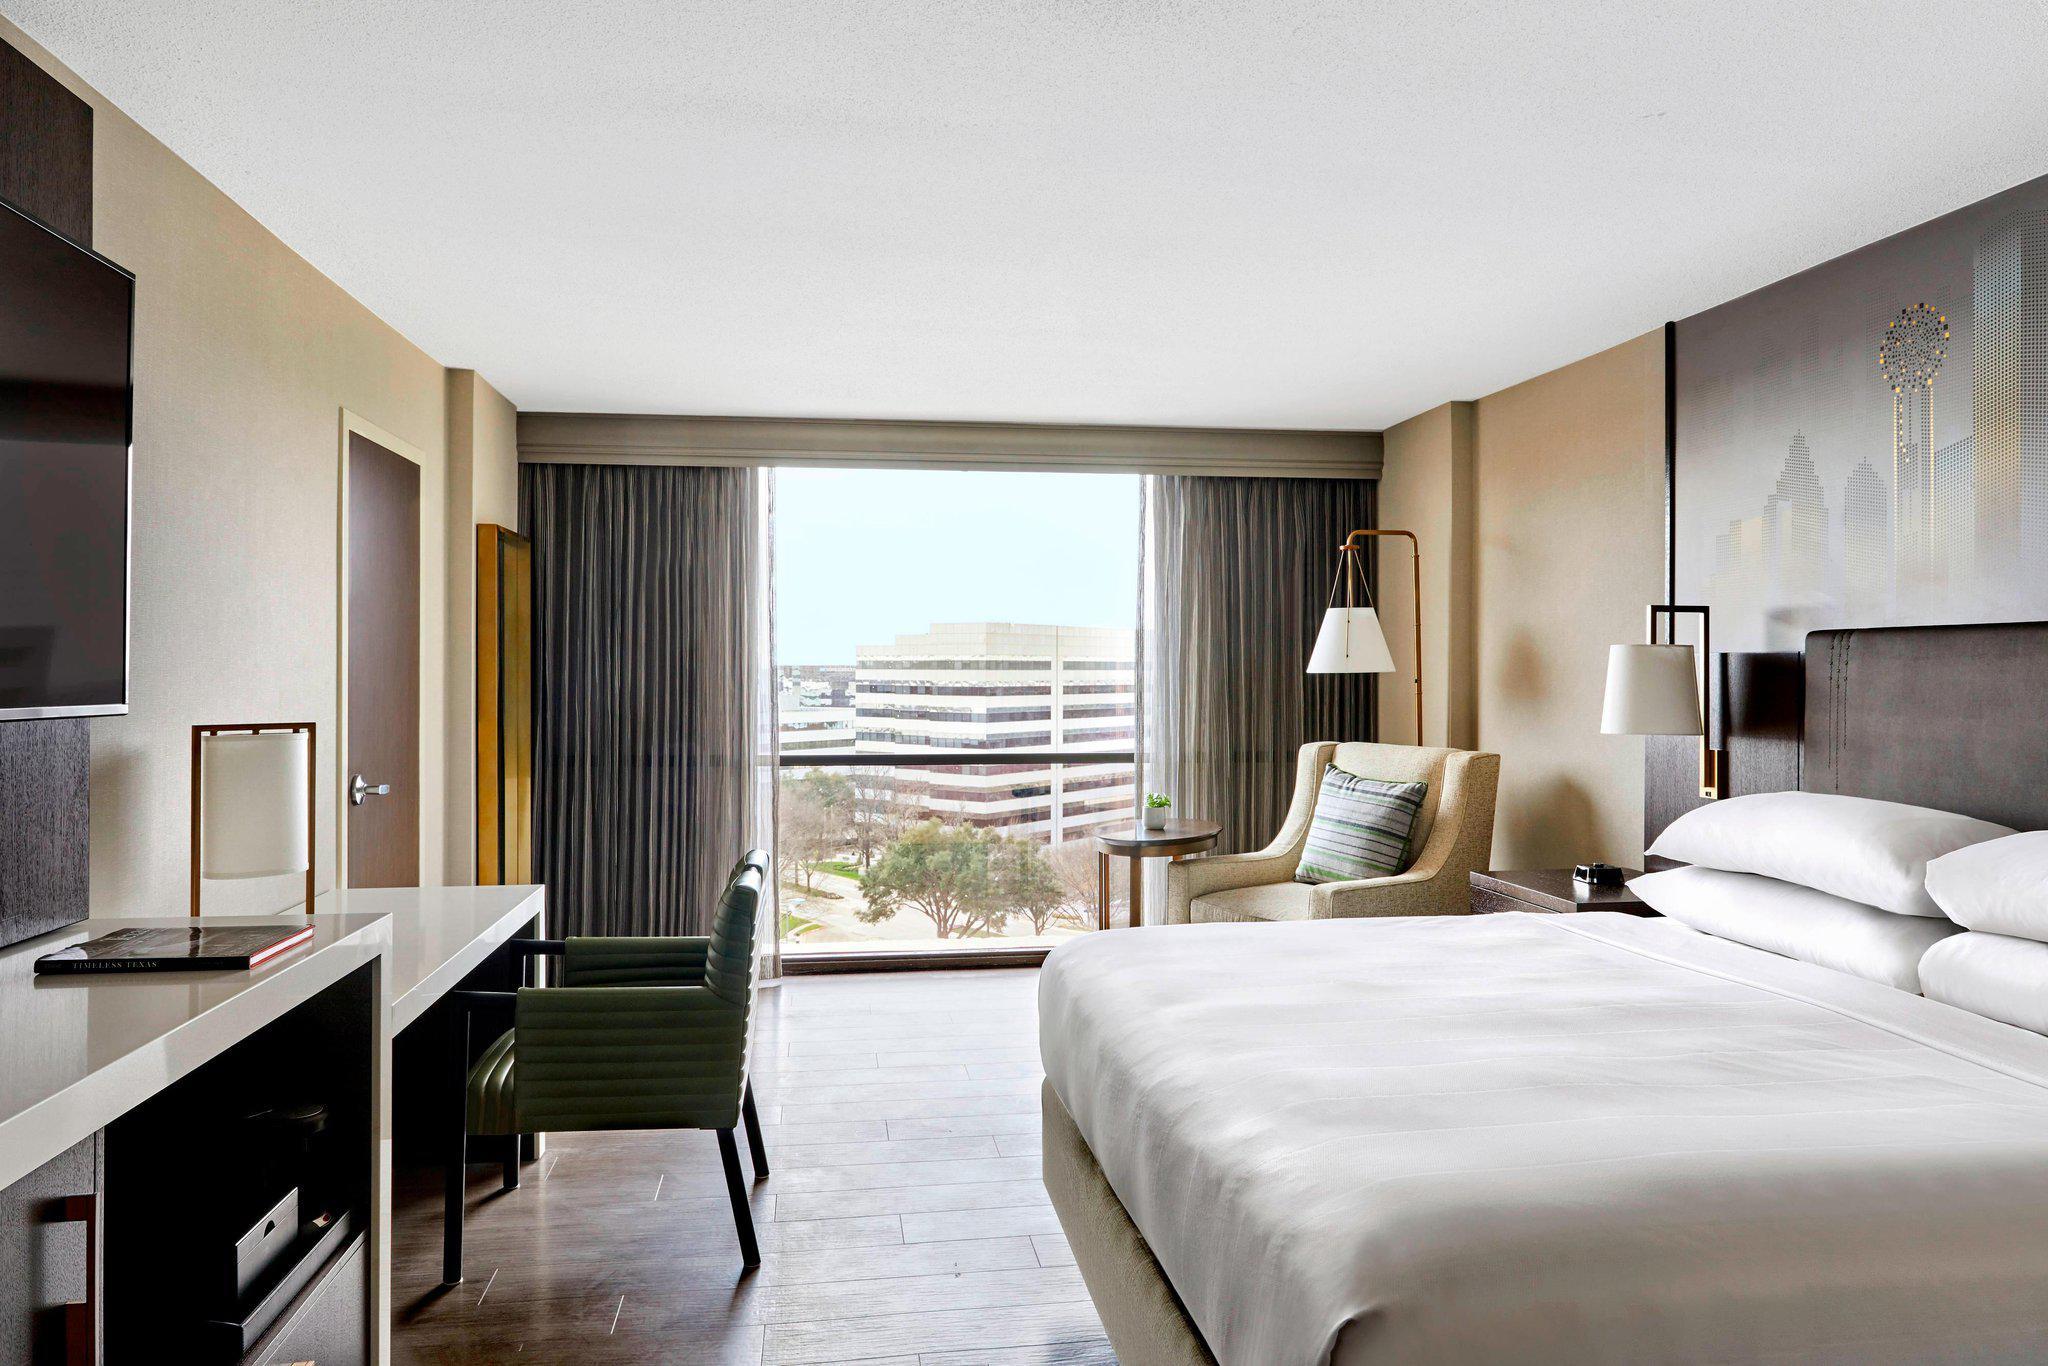 Dallas/Addison Marriott Quorum by the Galleria